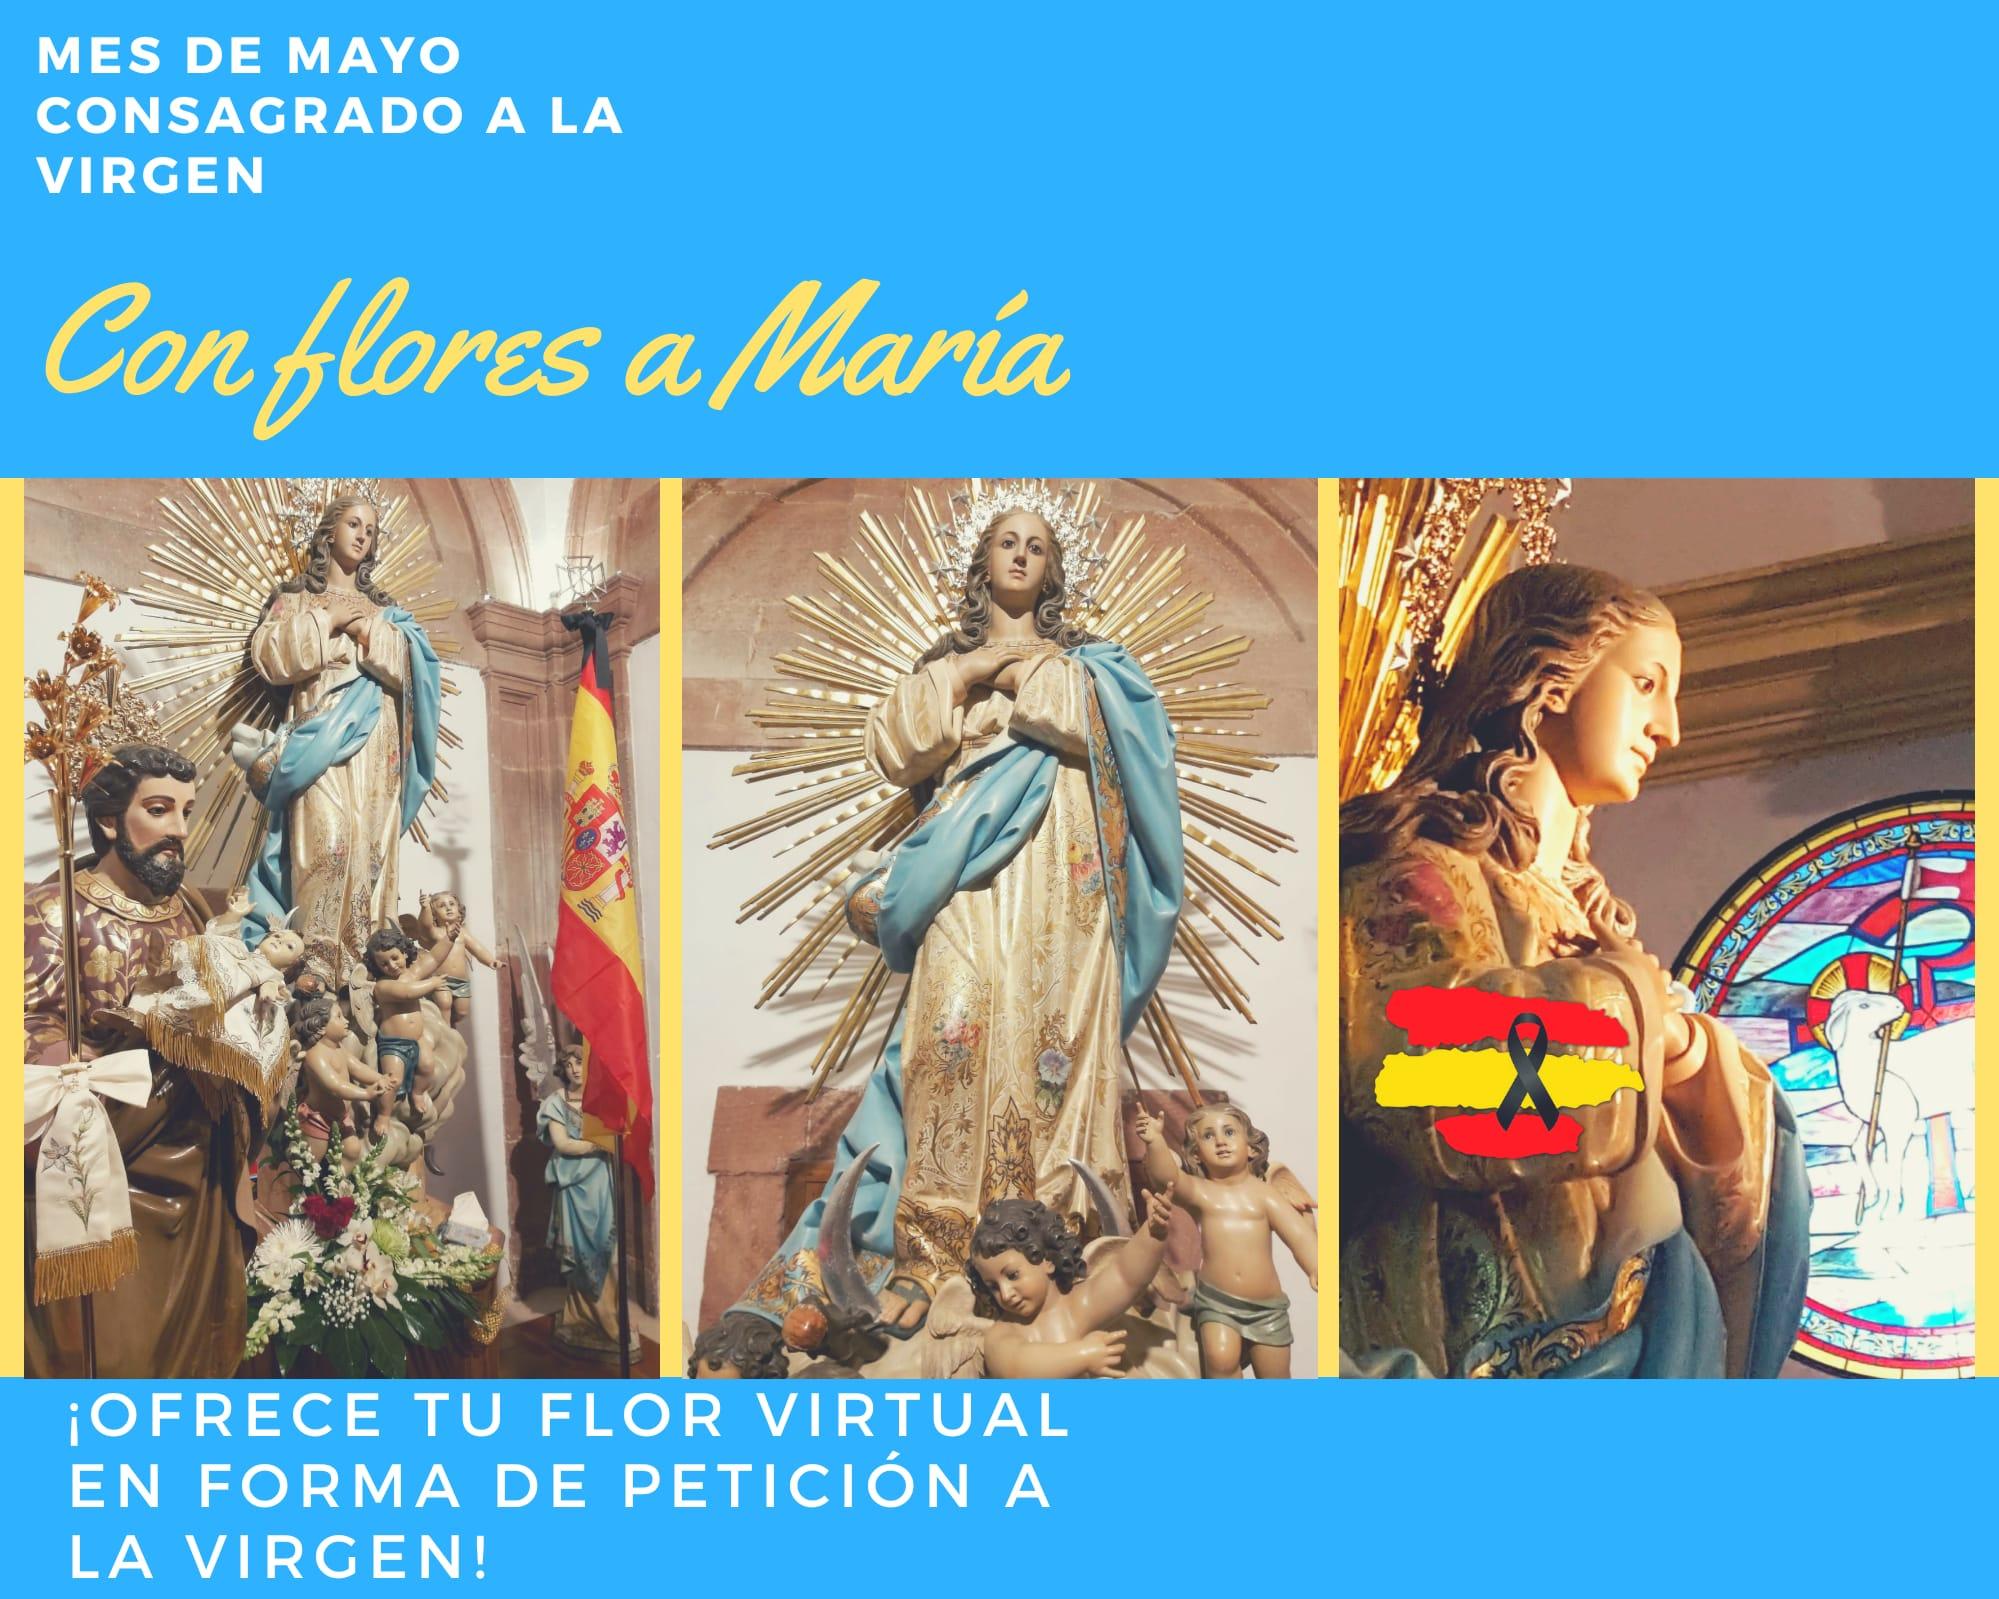 flores a Mar%C3%ADa Mes de MAyo - La parroquia Inmaculada Concepción inicia un mes de mayo dedicado a María